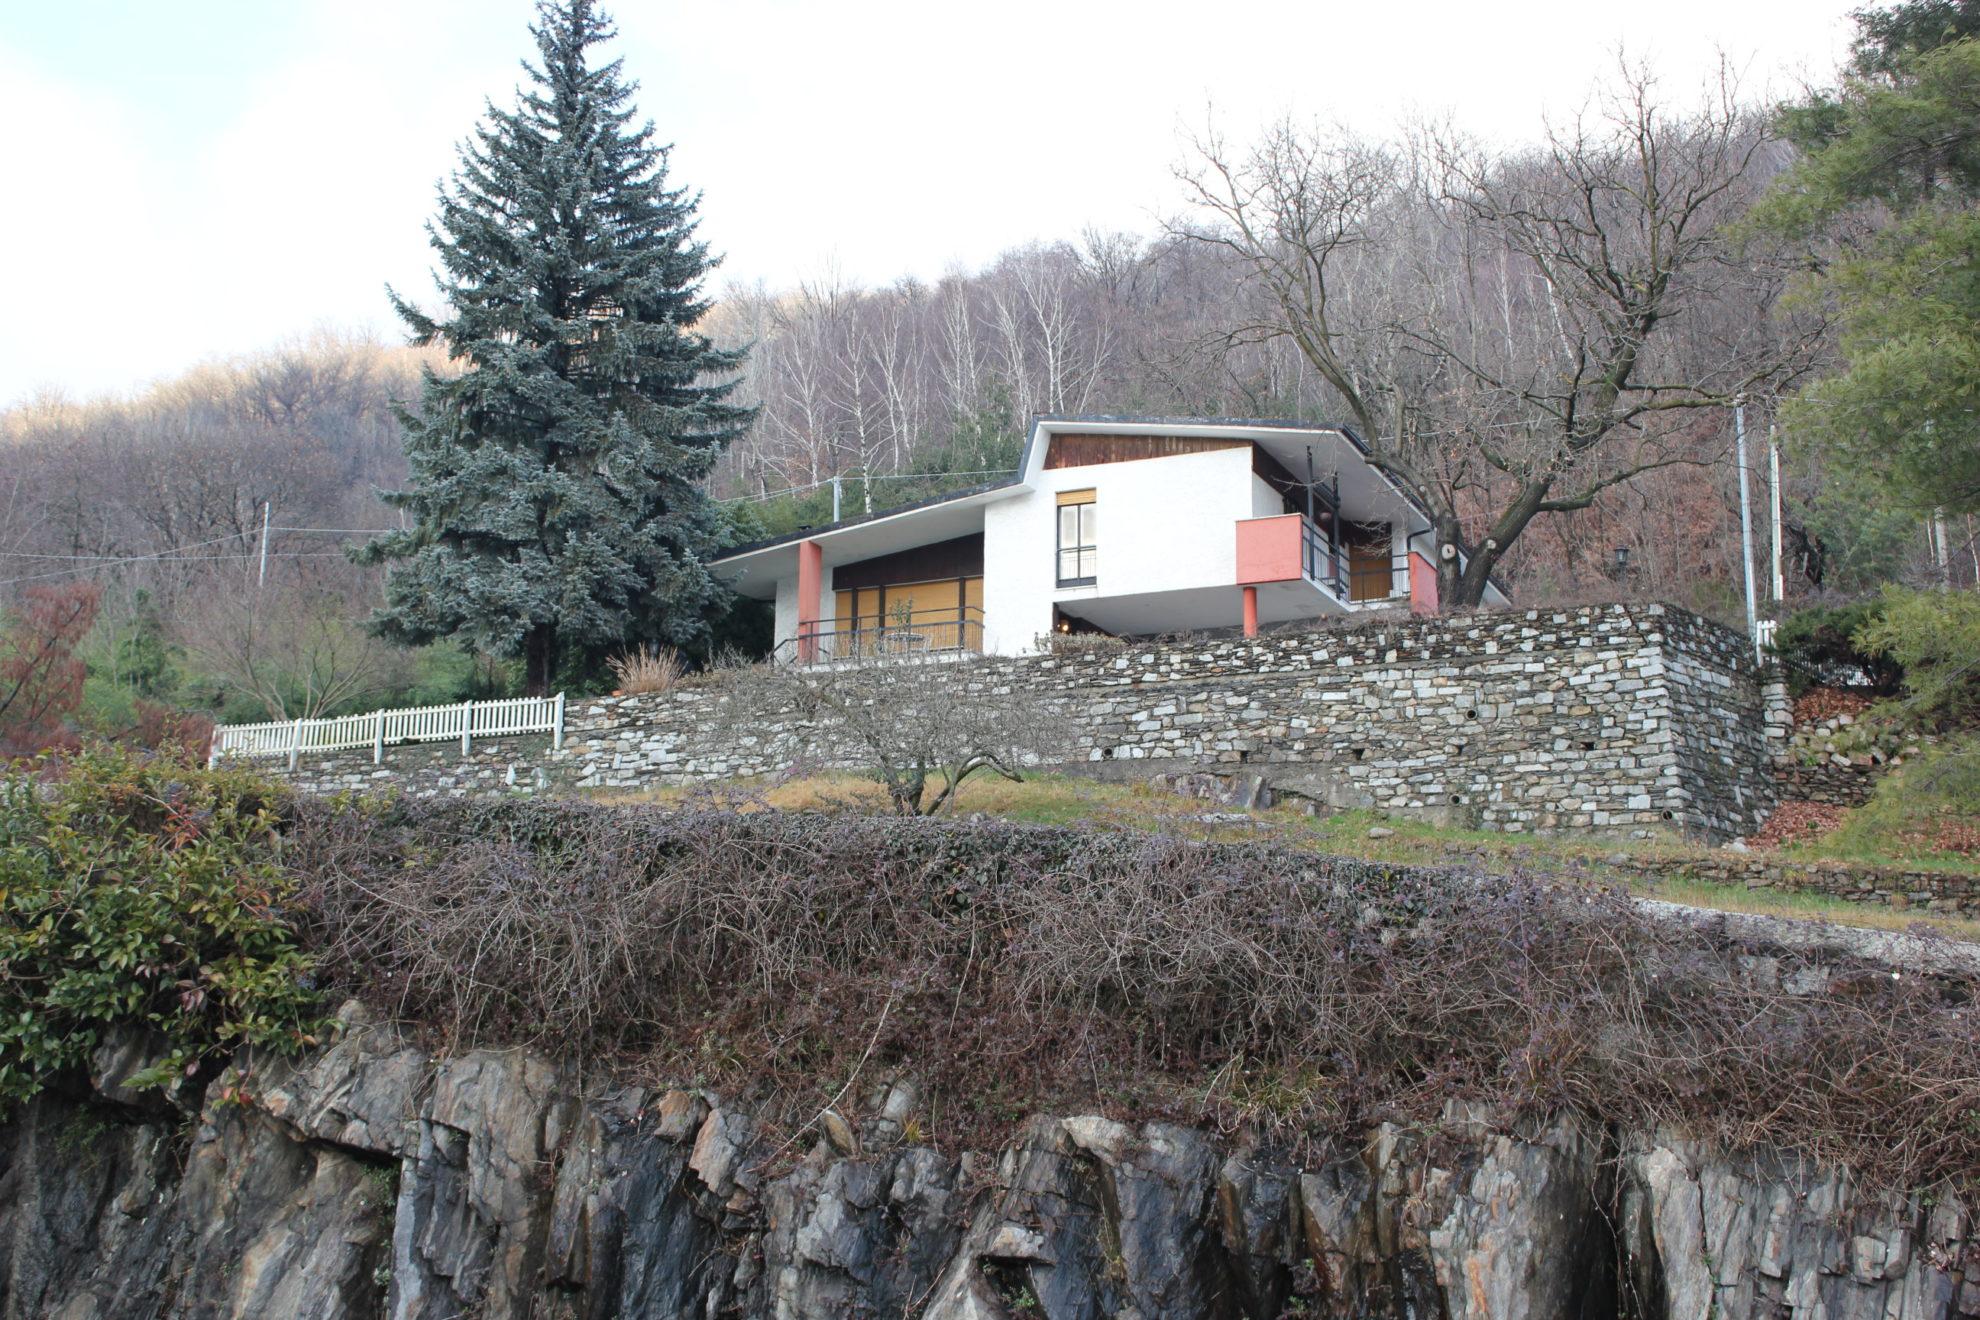 Ampliamento casa sul lago elena bertinotti for Costruire una casa sul lago